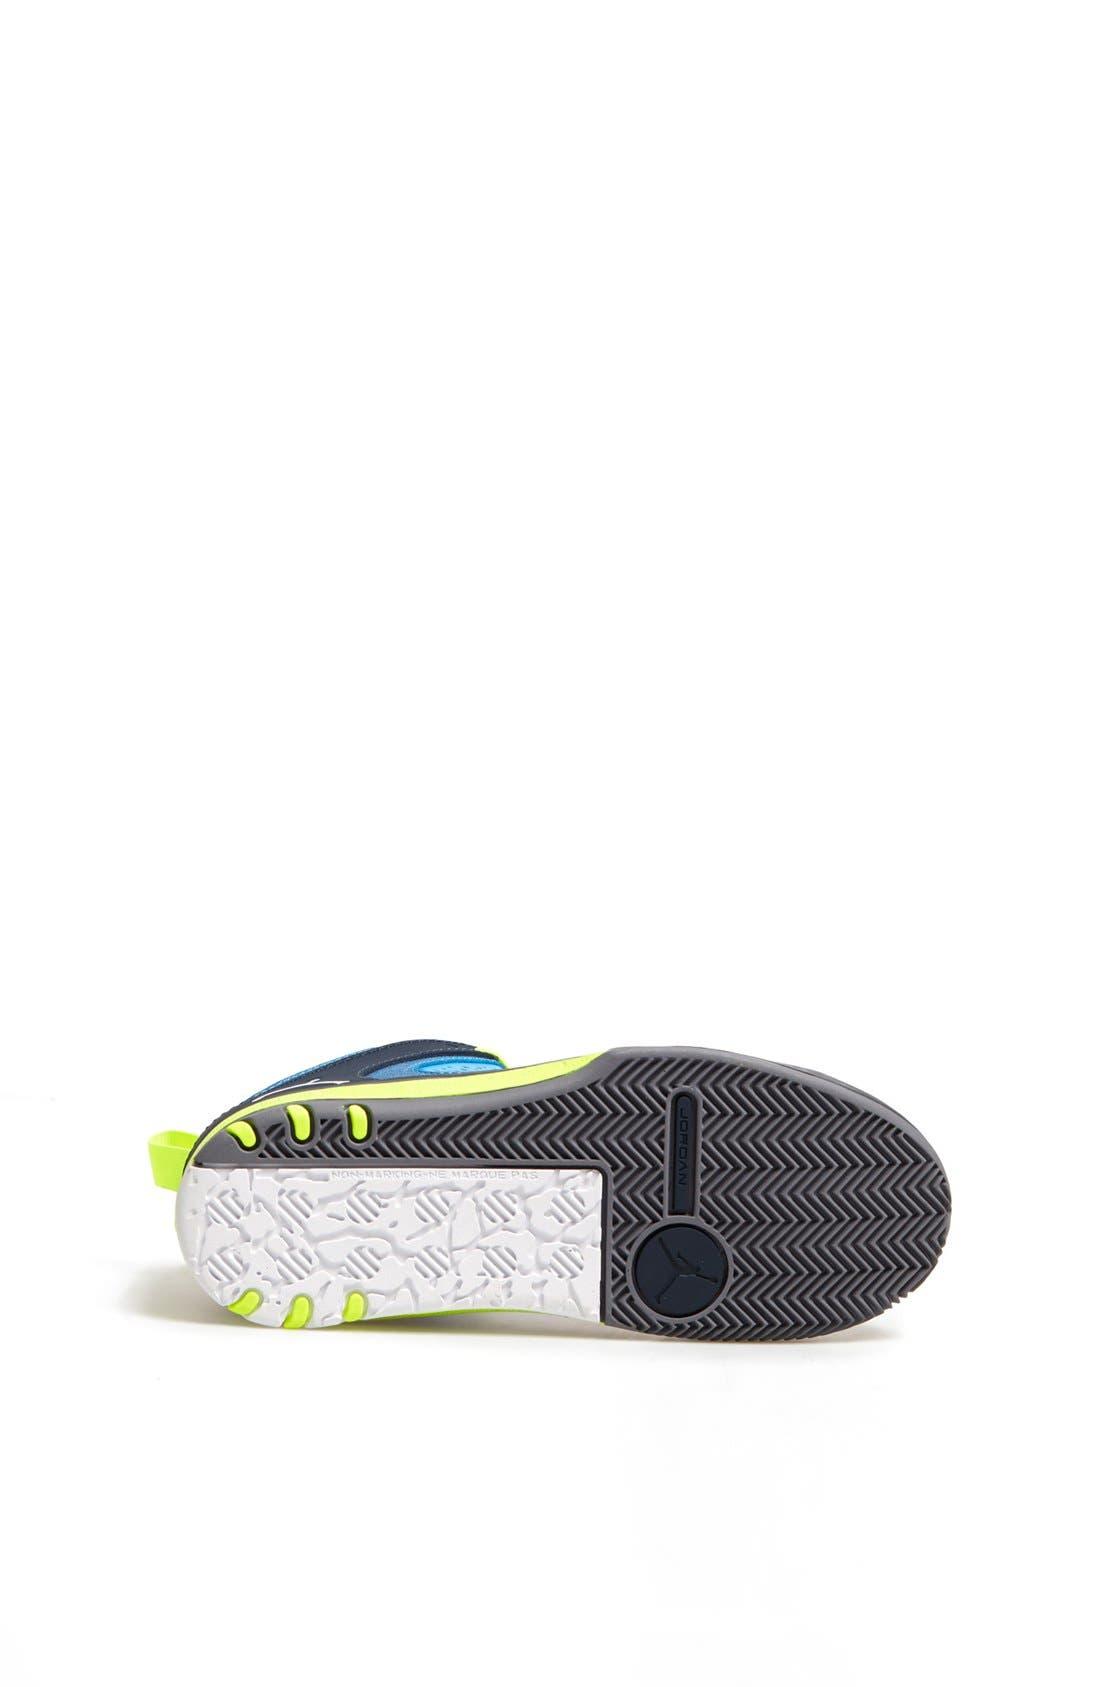 Alternate Image 4  - Nike 'Jordan Phase 23 2' Sneaker (Toddler & Little Kid)